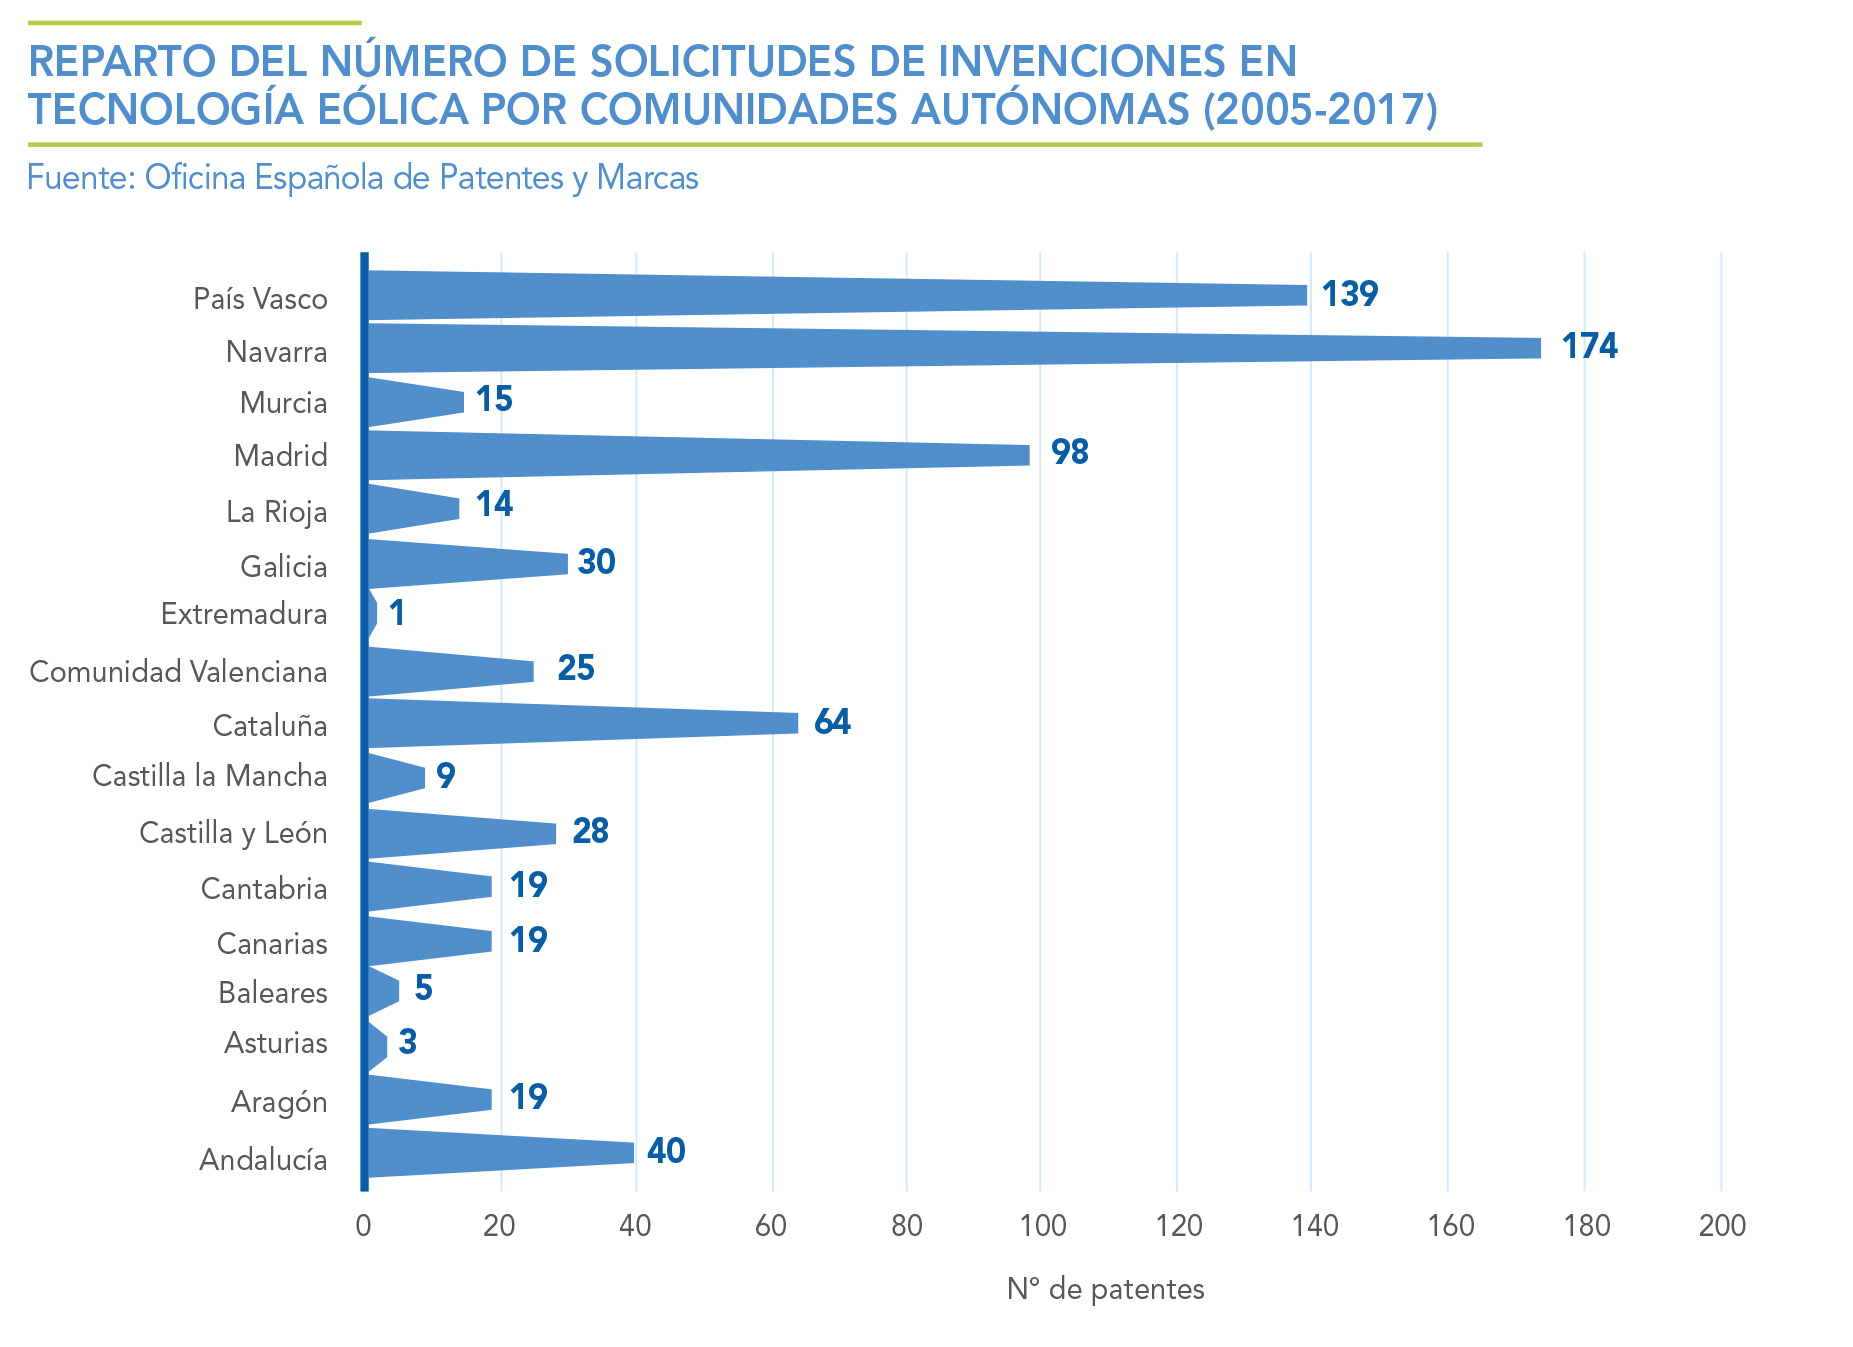 REPARTO-DEL-NUMERO-DE-SOLICITUDES-EN-INVENCIONES-EN-TECNOLOGIA-EOLICA-POR-COMUNIDADES-AUTONOMAS-2005---2017